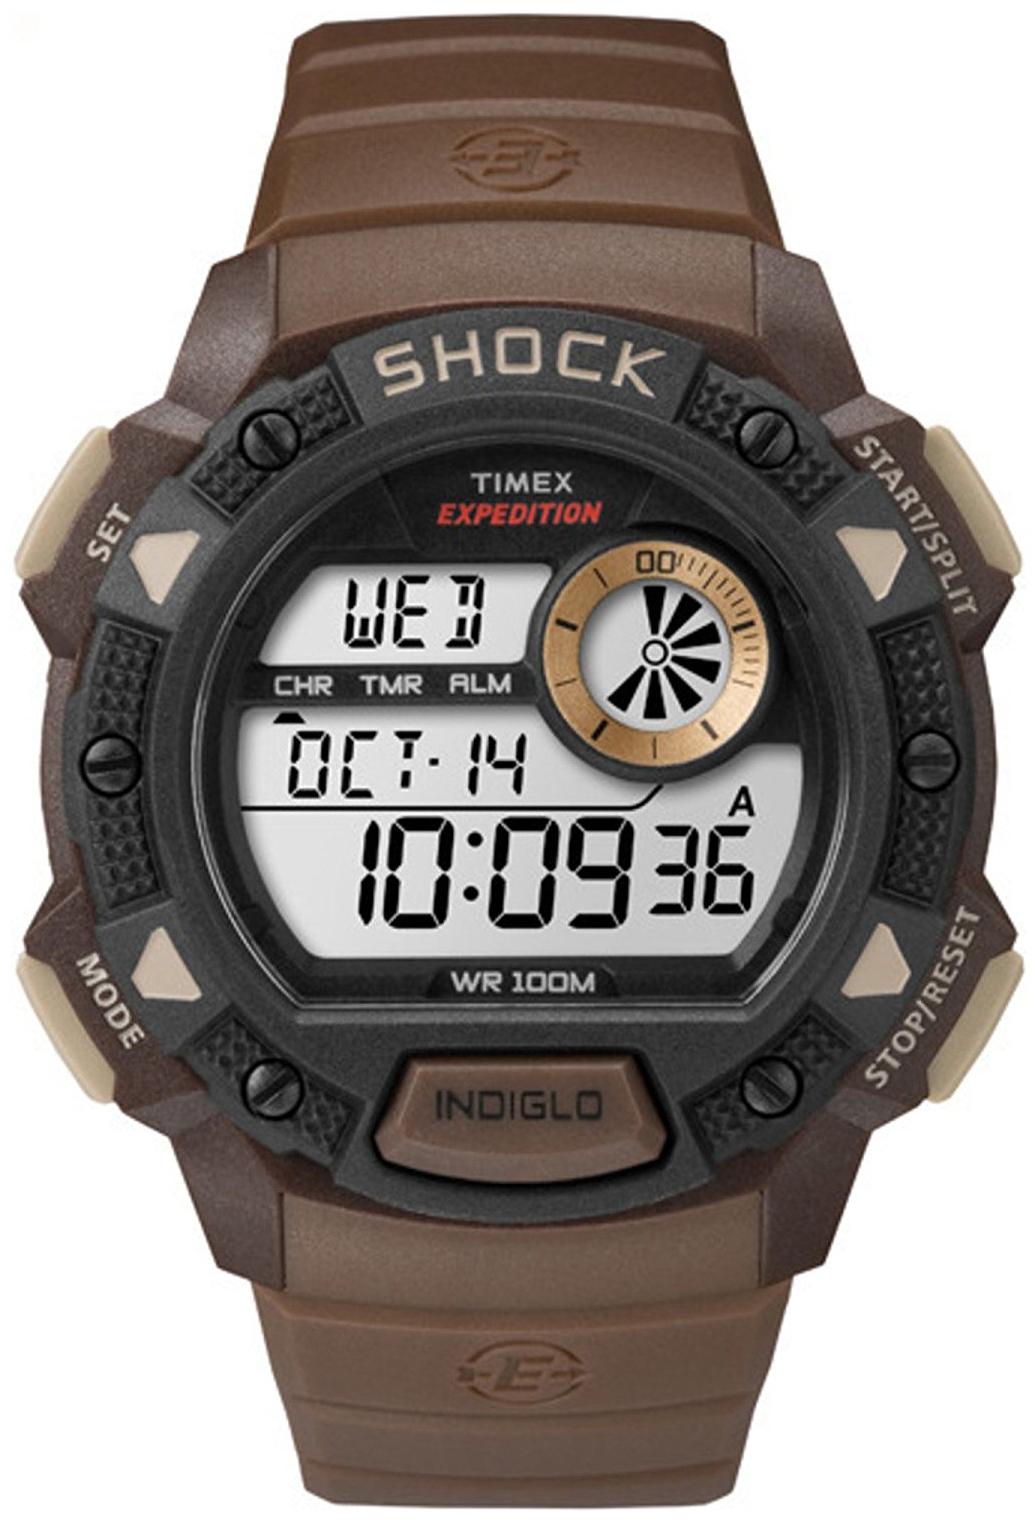 Timex Expedition Herrklocka TW4B07500 LCD/Resinplast Ø45 mm - Timex